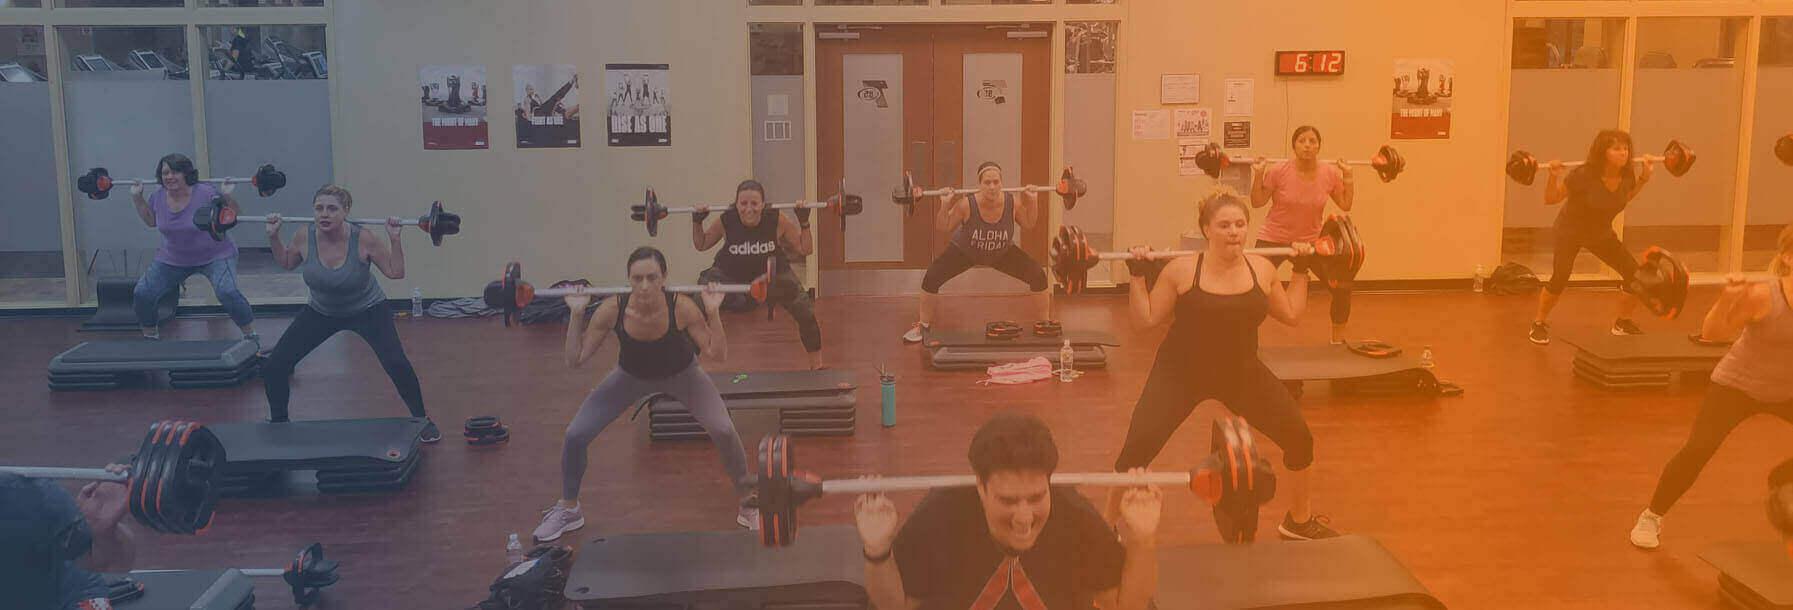 team85 body pump workout